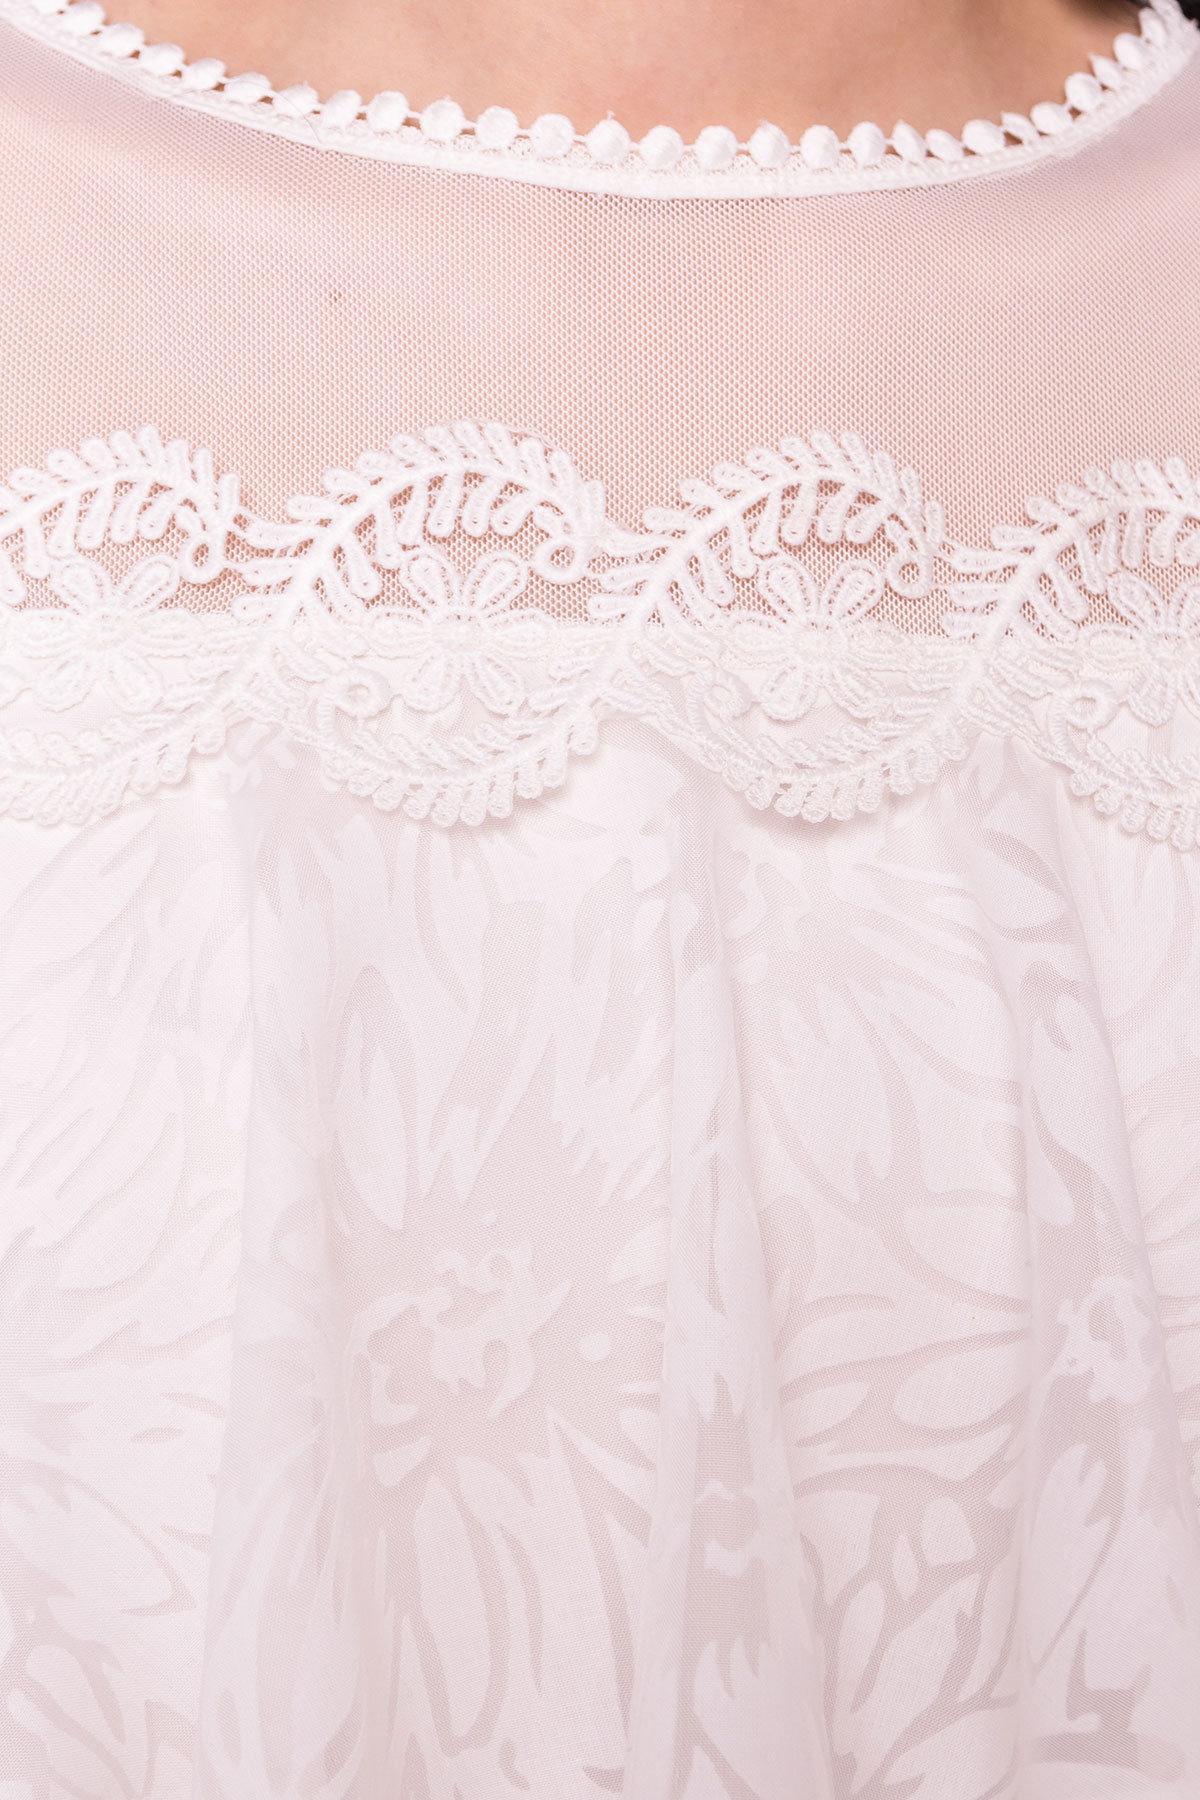 Платье Дени 4983 АРТ. 35386 Цвет: Молоко - фото 4, интернет магазин tm-modus.ru